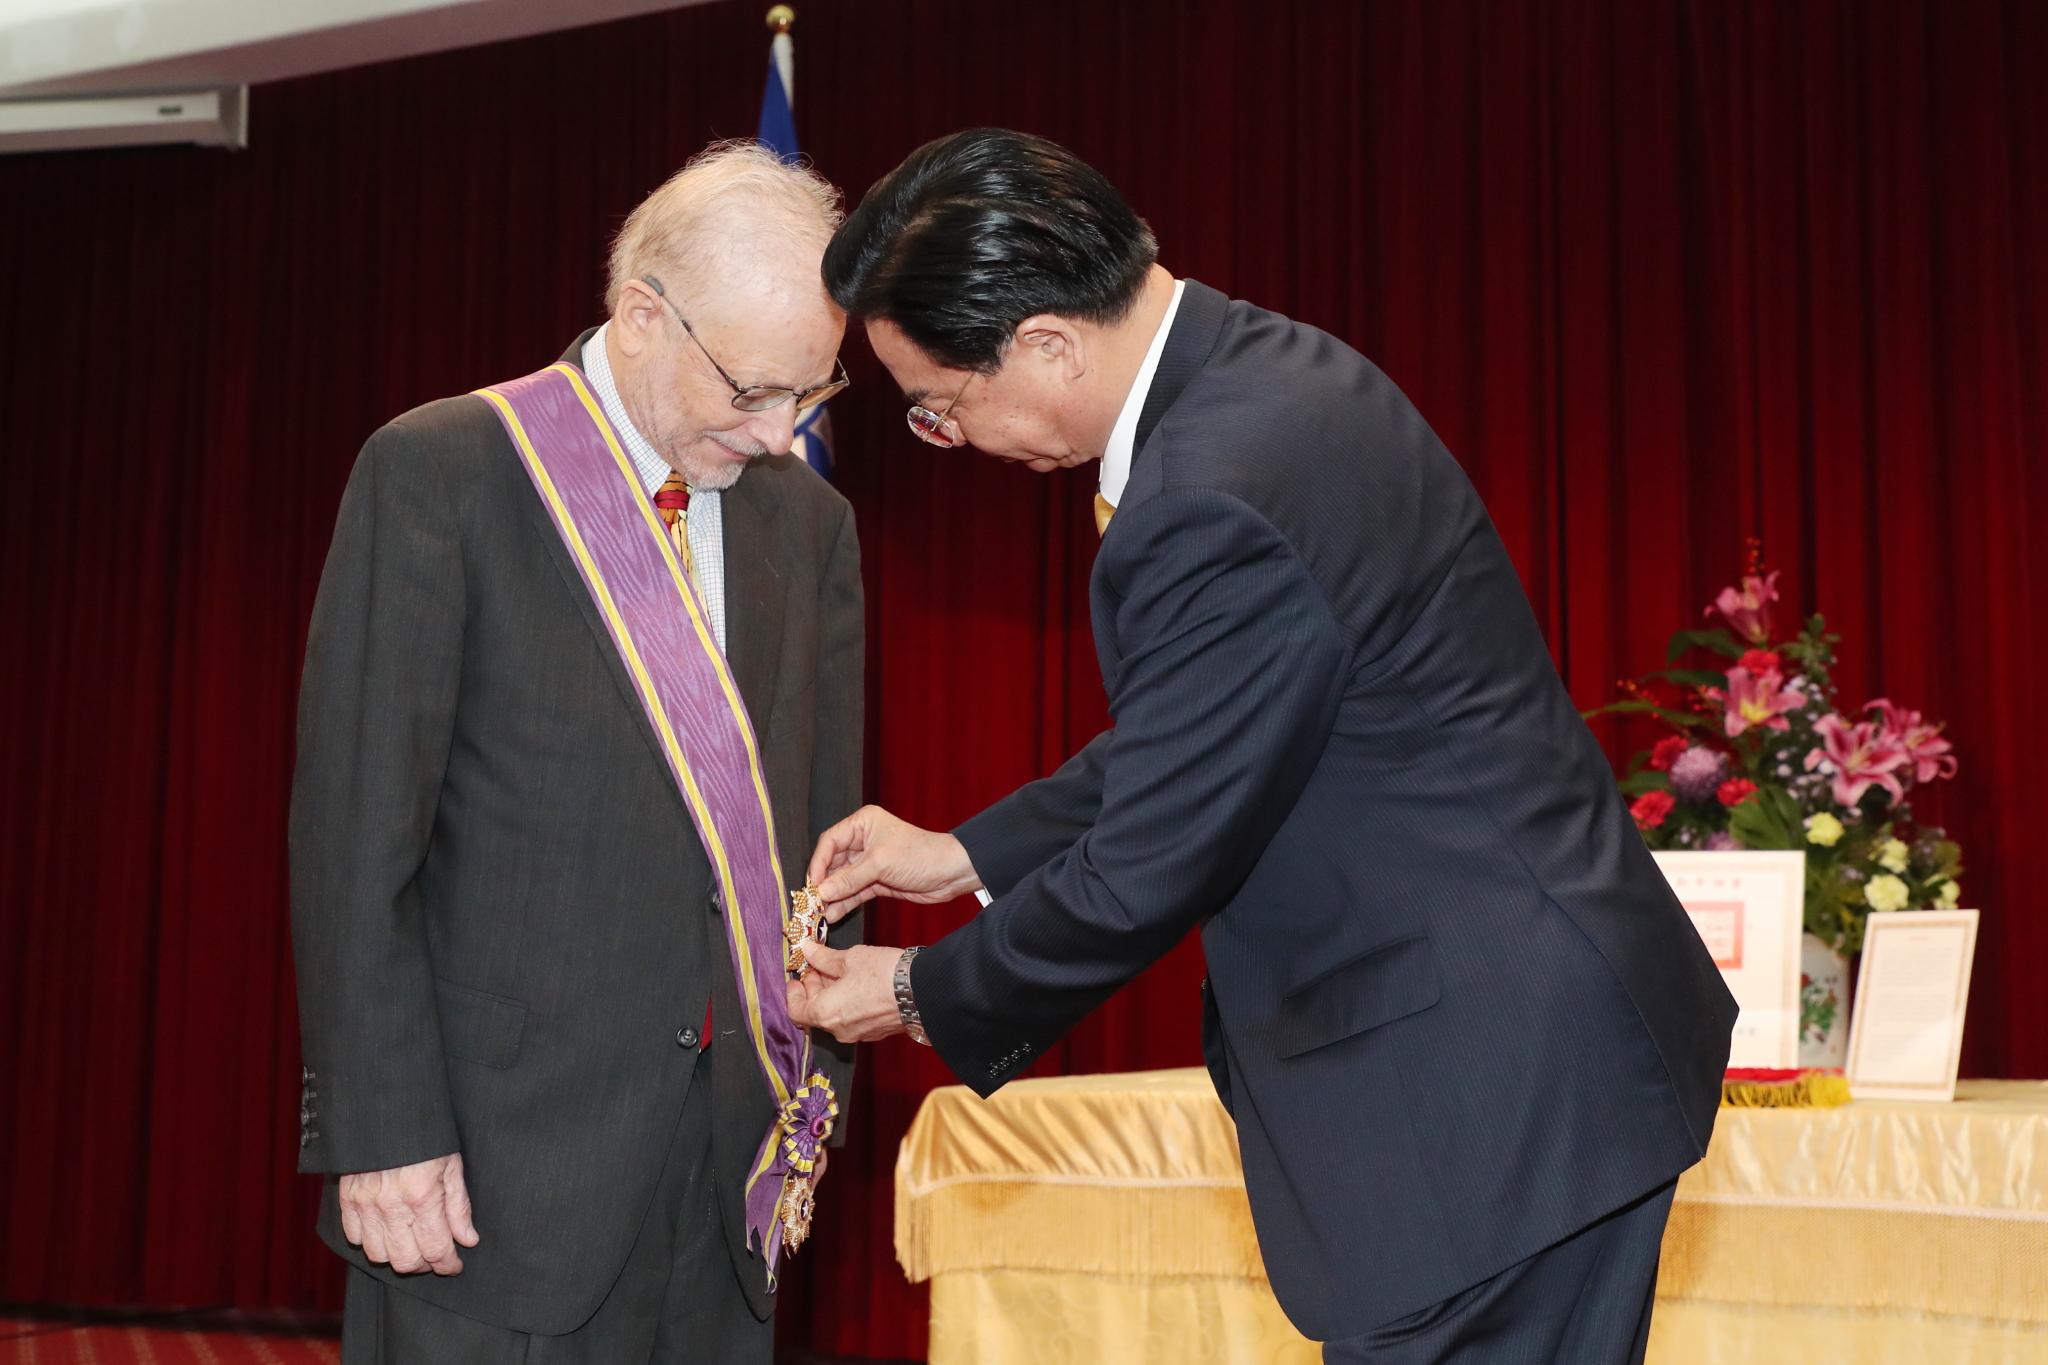 外交部長吳釗燮代表政府頒贈澳大利亞聯邦蒙納士大學榮譽退休教授家博(Dr. Bruce Jacobs)「大綬景星勳章」